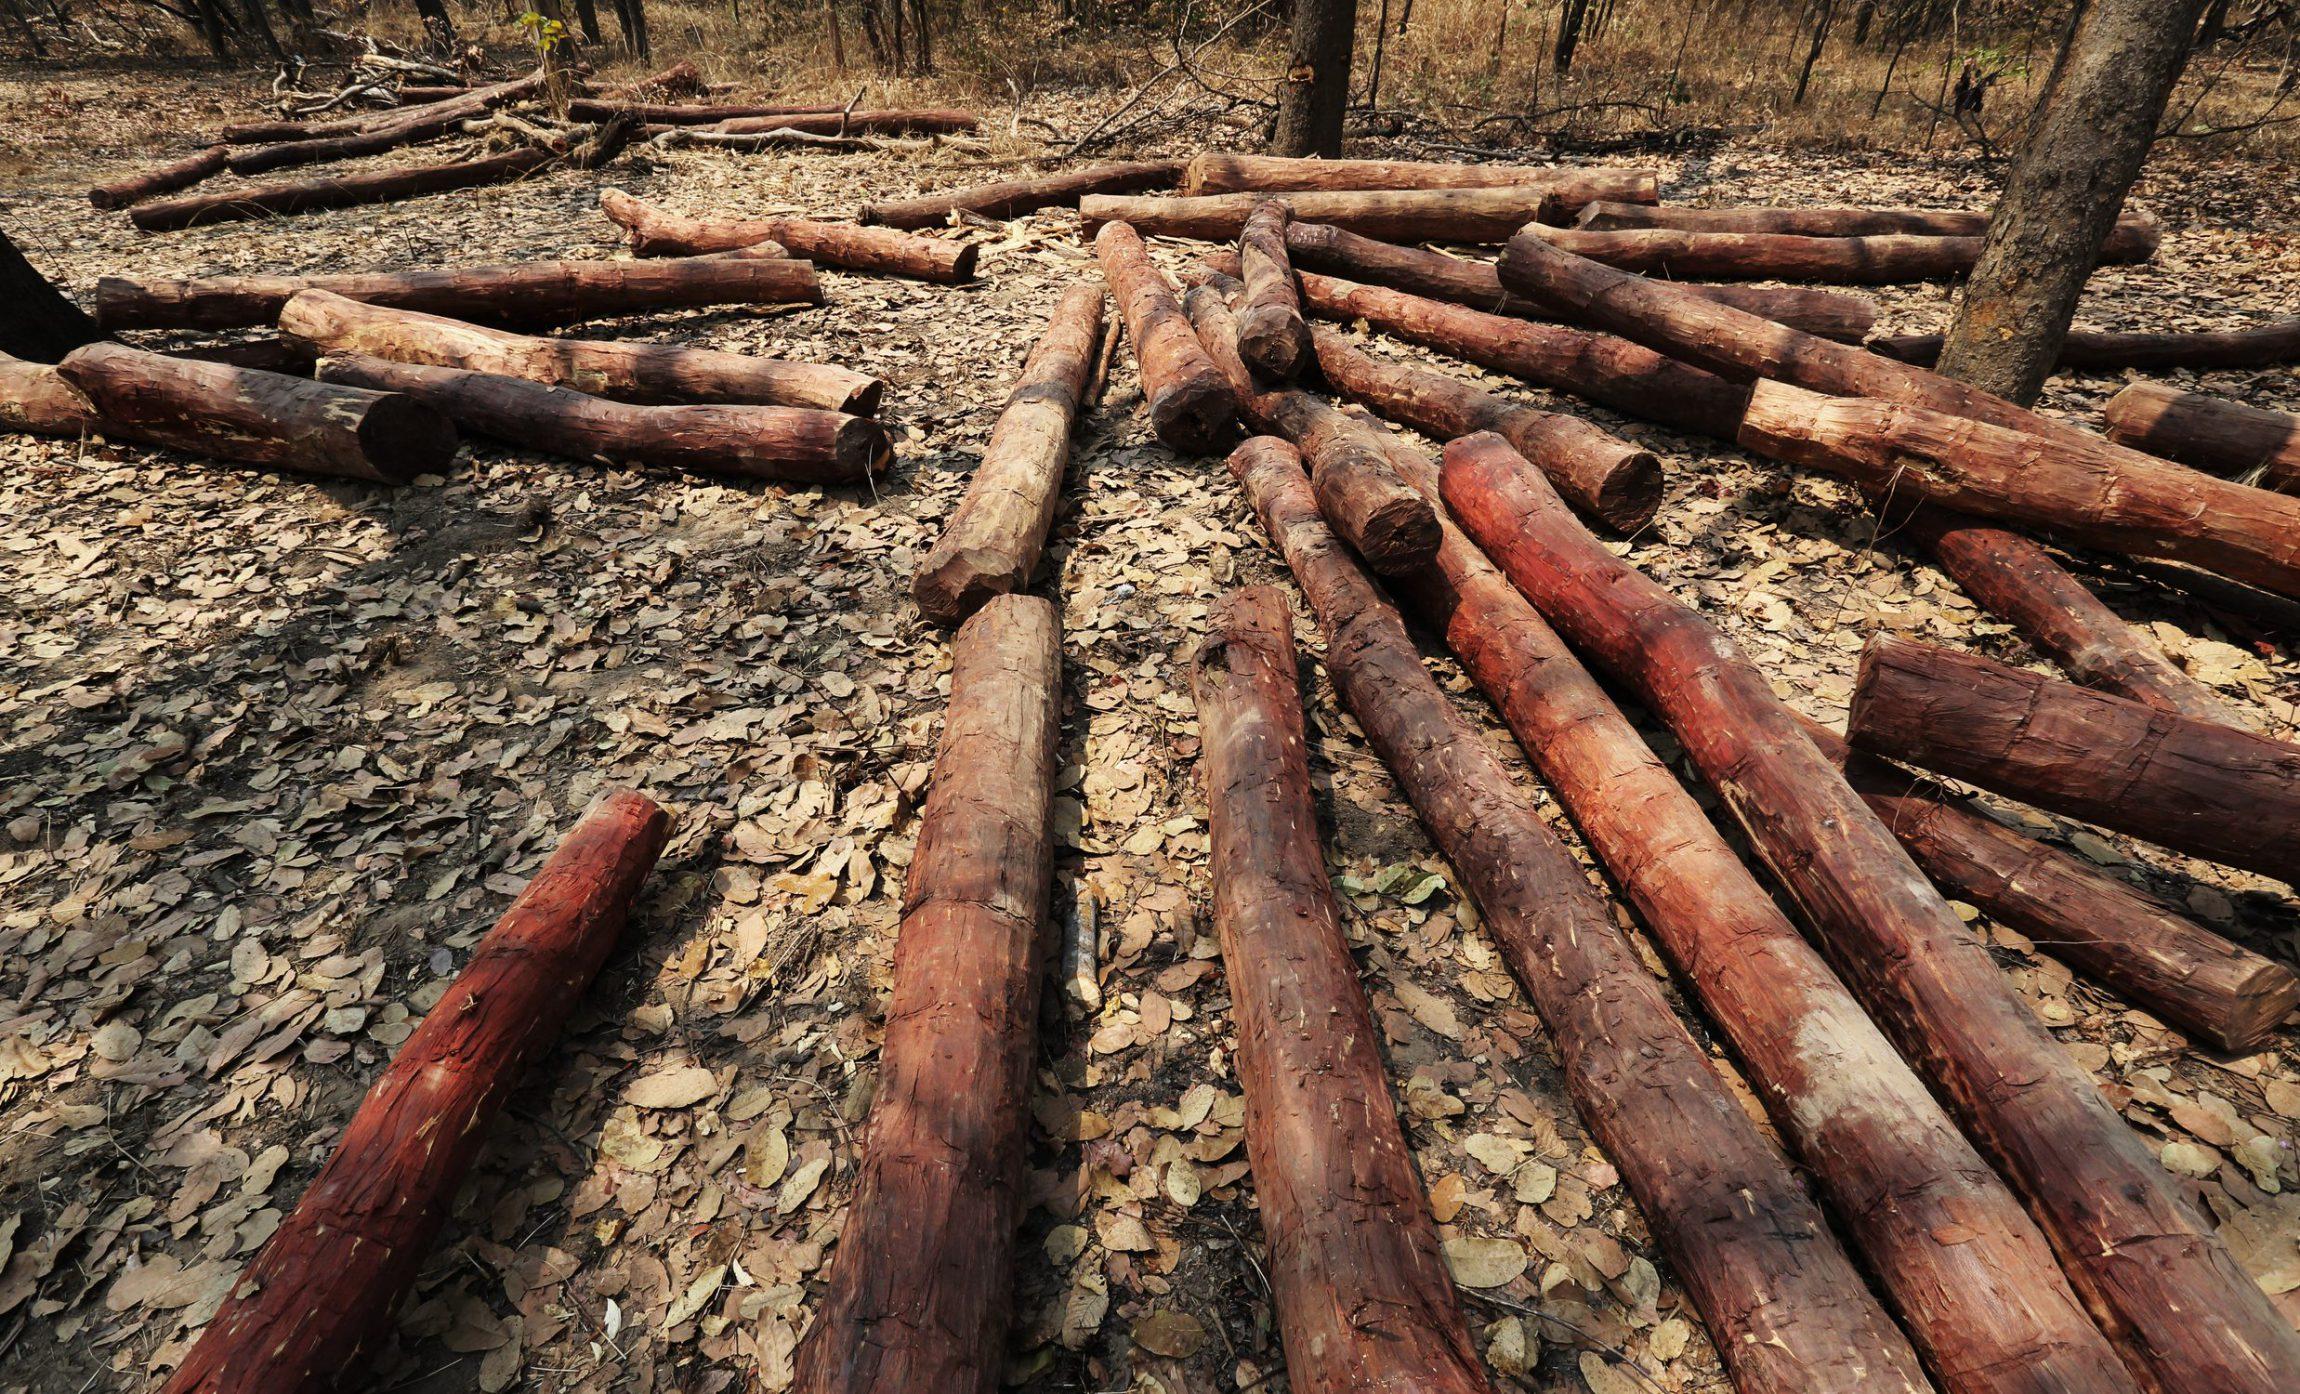 在刚果(金)加丹加省的森林里,大约100米左右就有一根成年的血檀树,经过砍伐、去皮堆集在一起准备让大卡车运走。